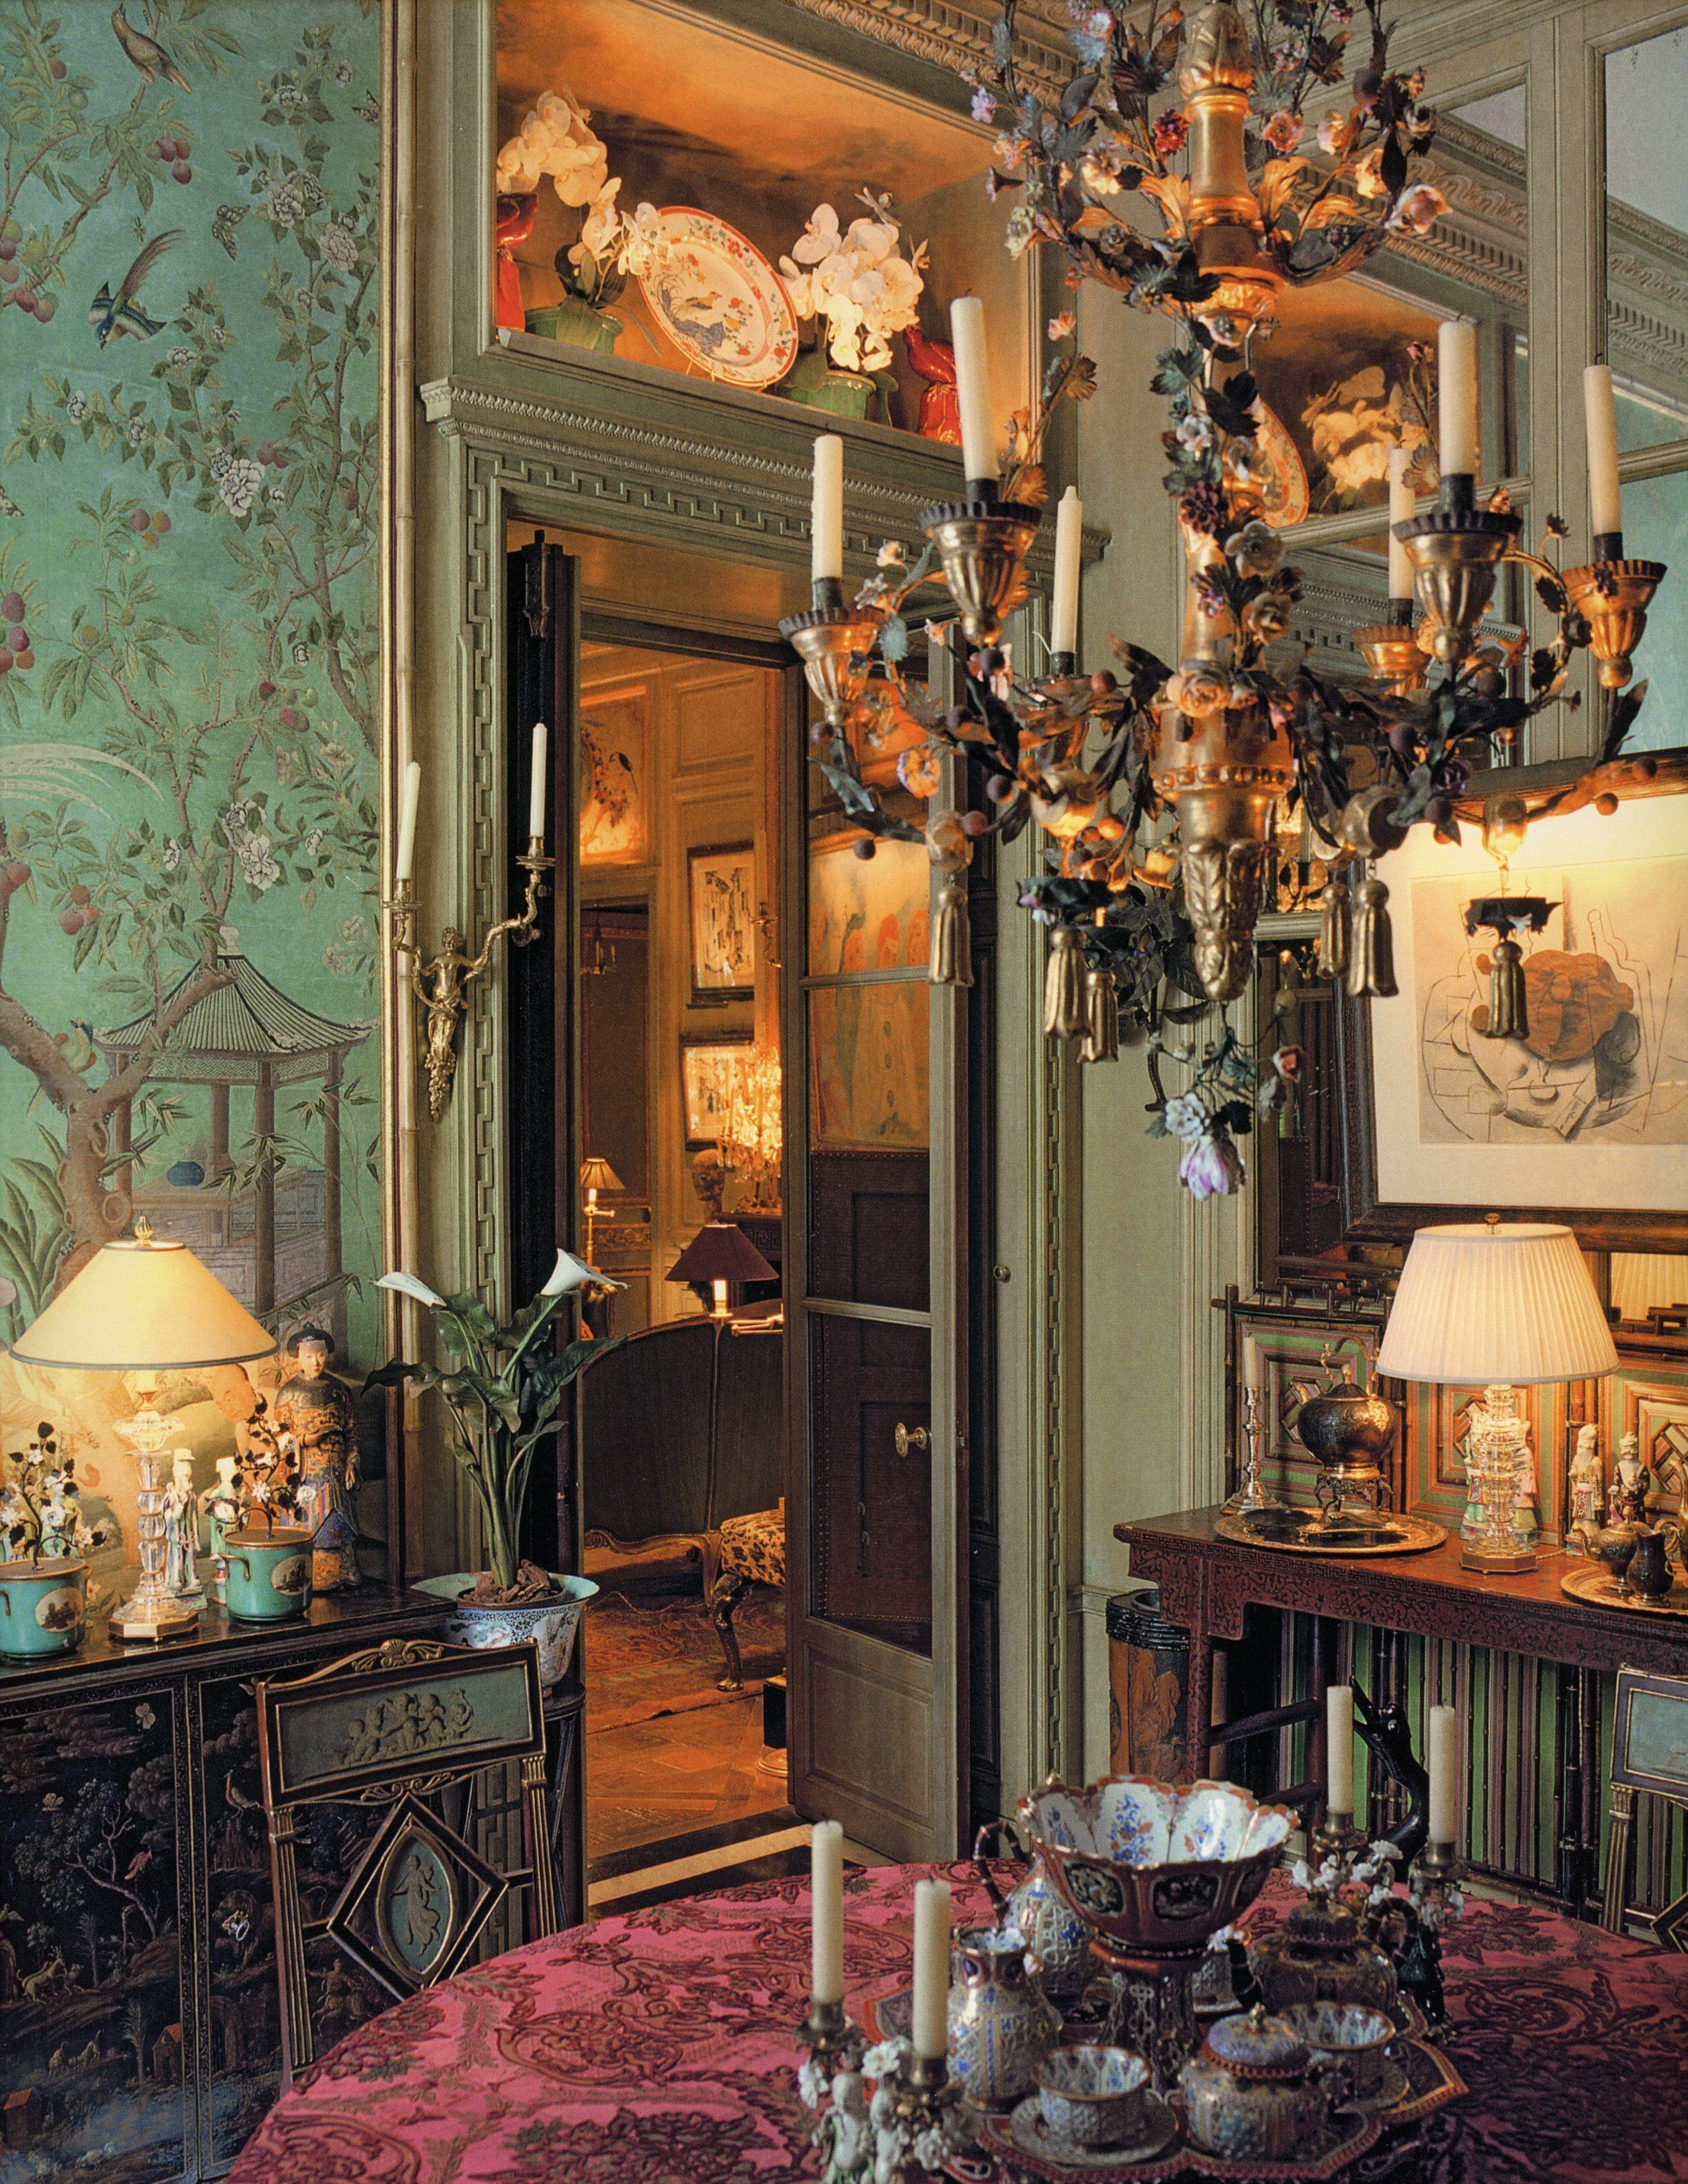 Pierre berge 39 s paris apartment on rue bonaparte for Decoracion de interiores paris